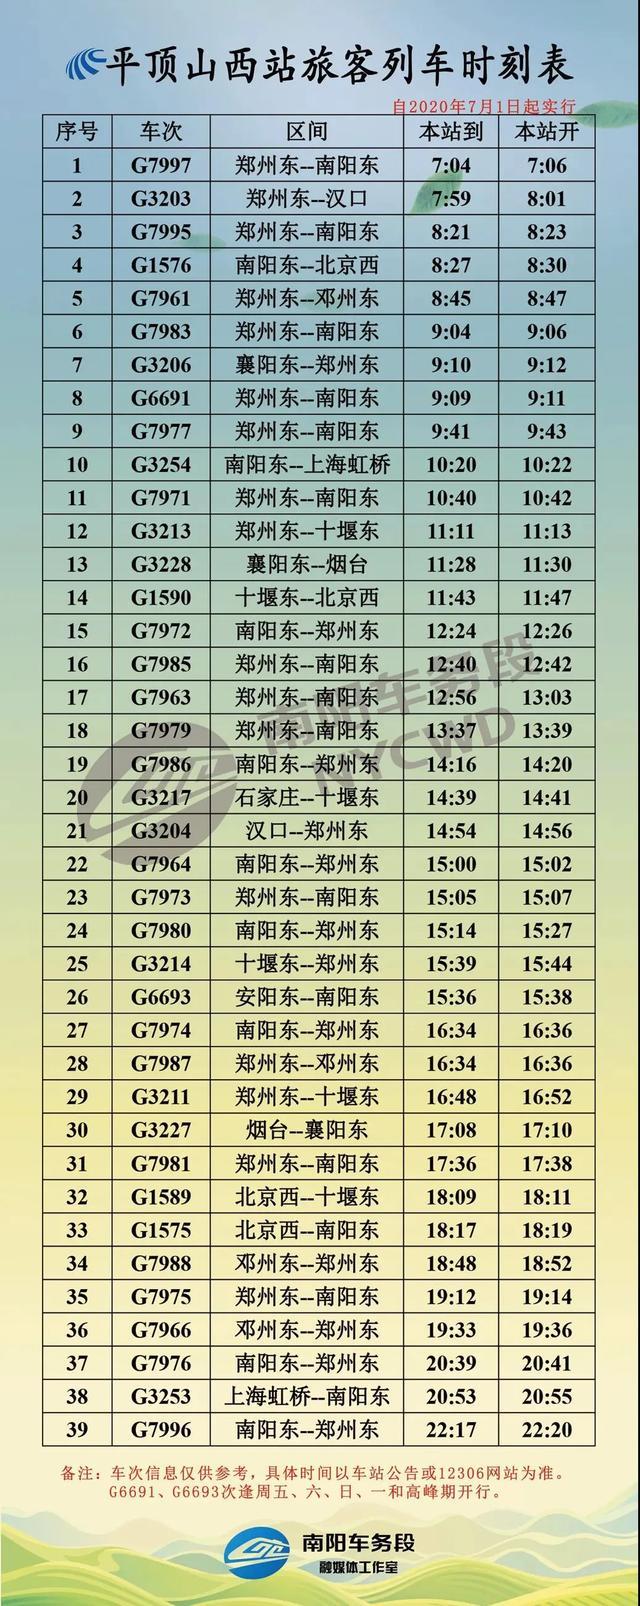 快收藏!7月1日起,平顶山西站要执行最新列车时刻表了插图1